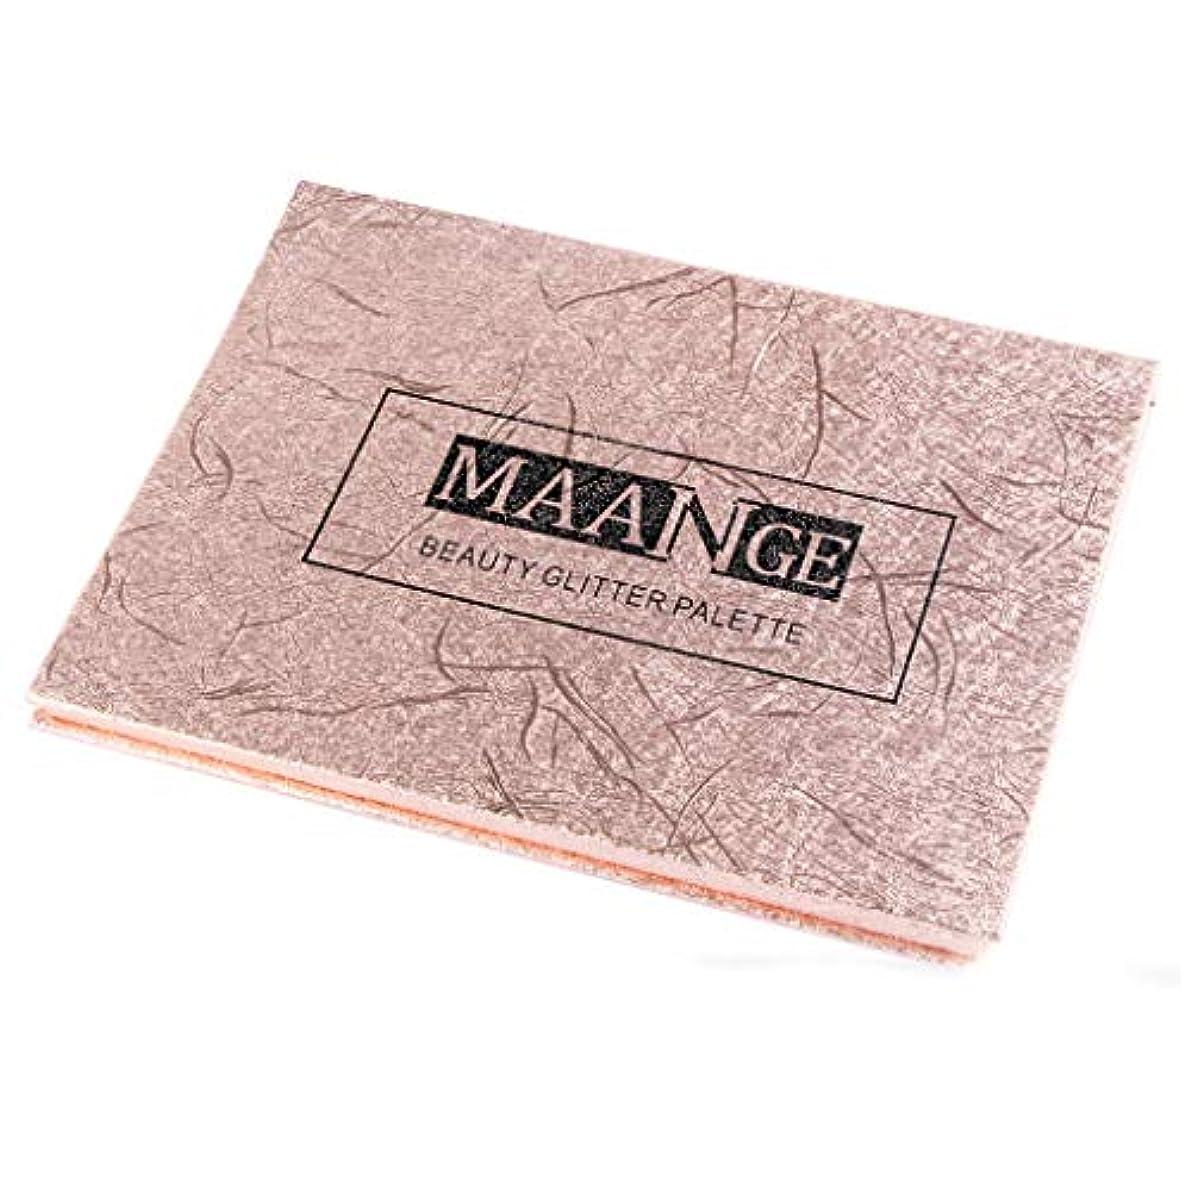 ディスク提供する酸素ファッション12色アイシャドウパレット高級ゴールデンマットヌードアイシャドウパレット